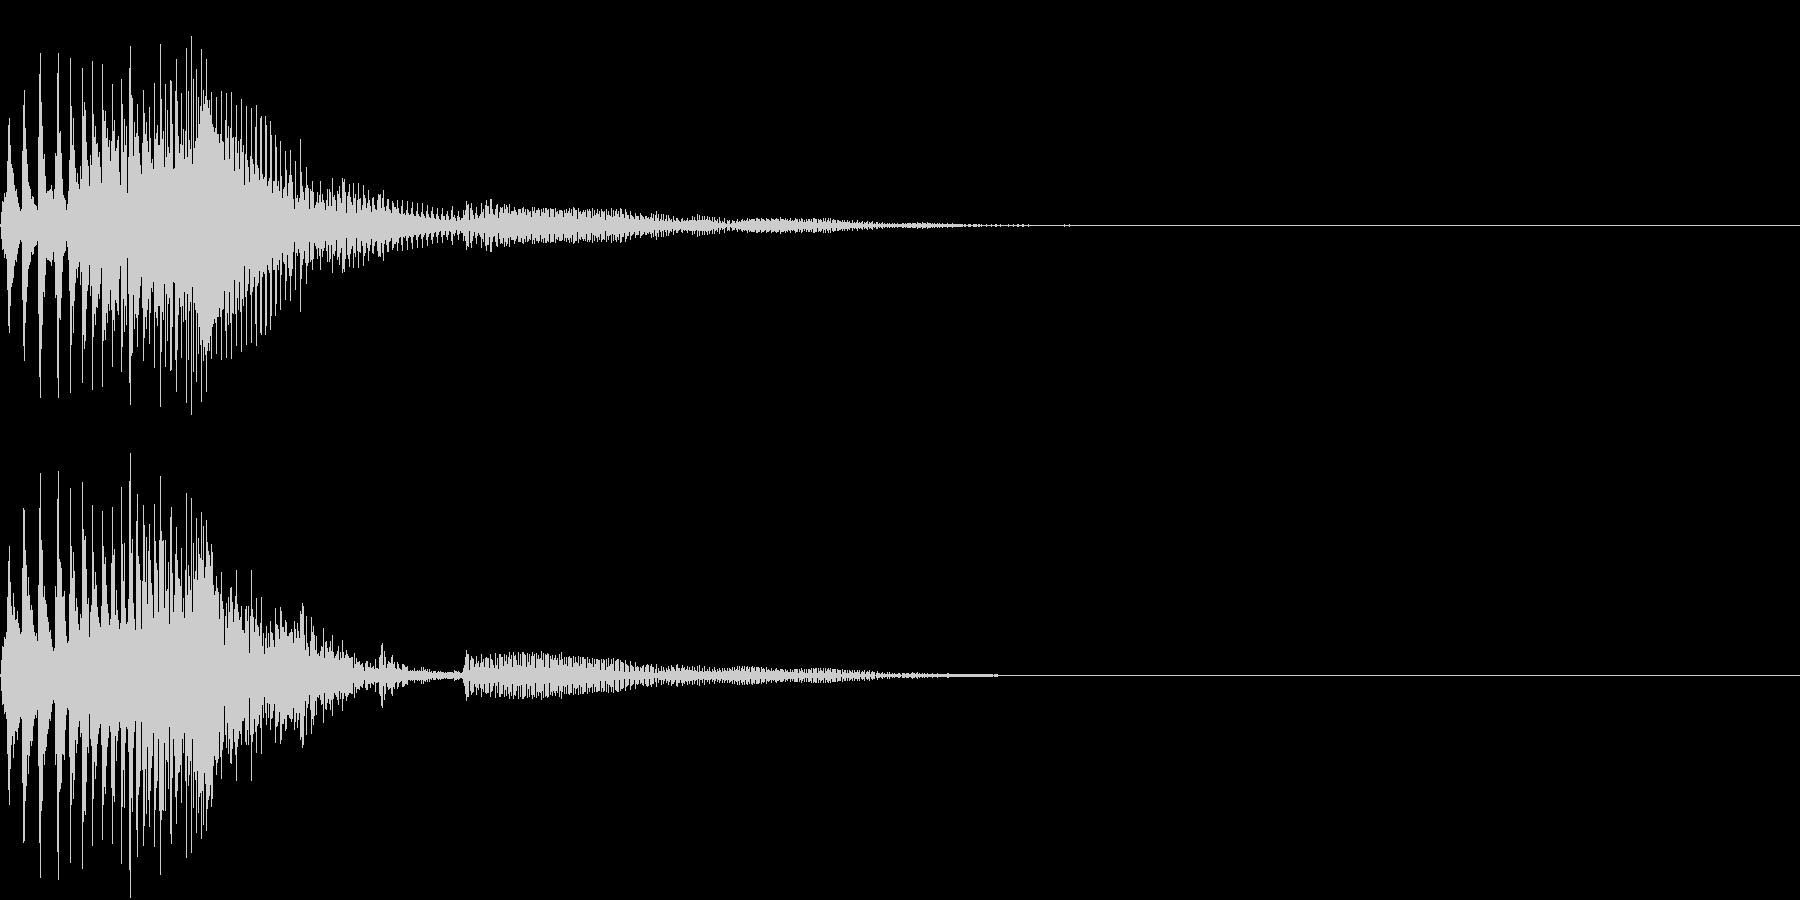 Zako ゲームのザコキャラの鳴き声 3の未再生の波形